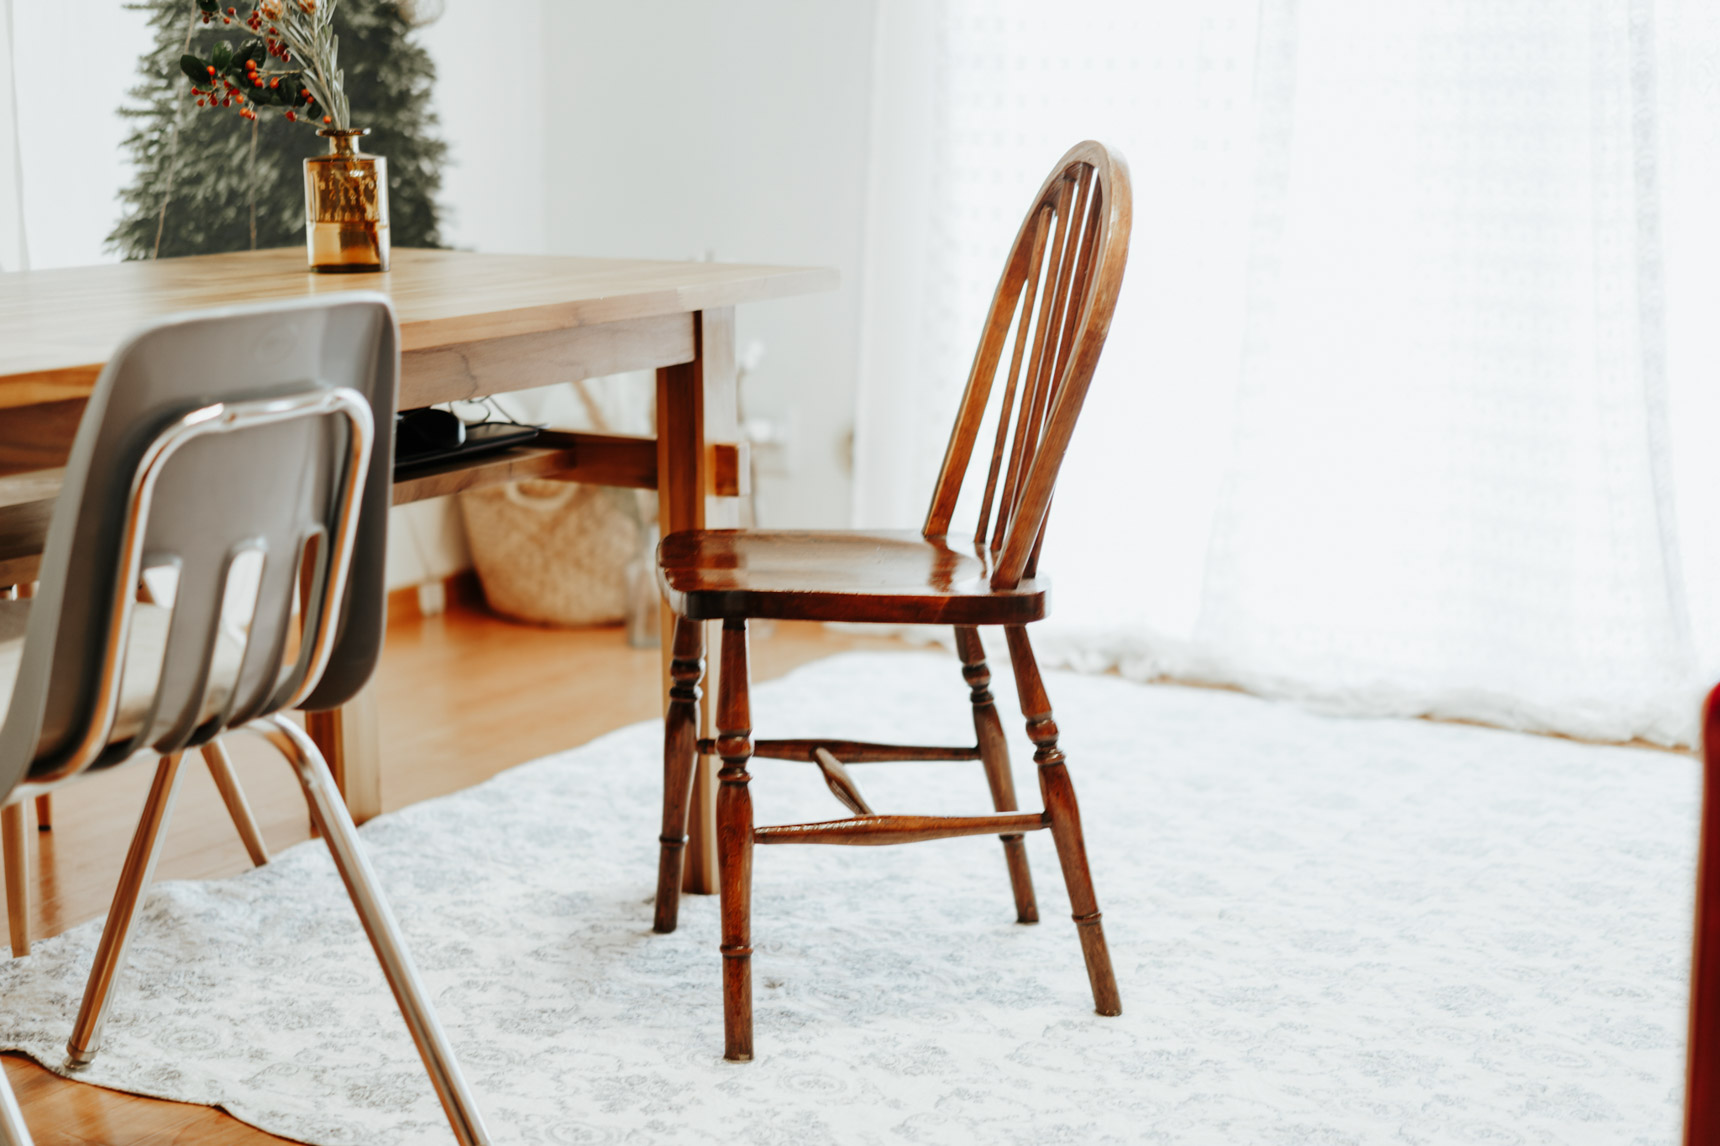 ダイニングの椅子は、佐倉市の英国アンティークショップ、マナーハウスで購入したチェア。ティールームも併設されていて、椅子の座り心地や、器を楽しみながらお茶をすることもできるそう。